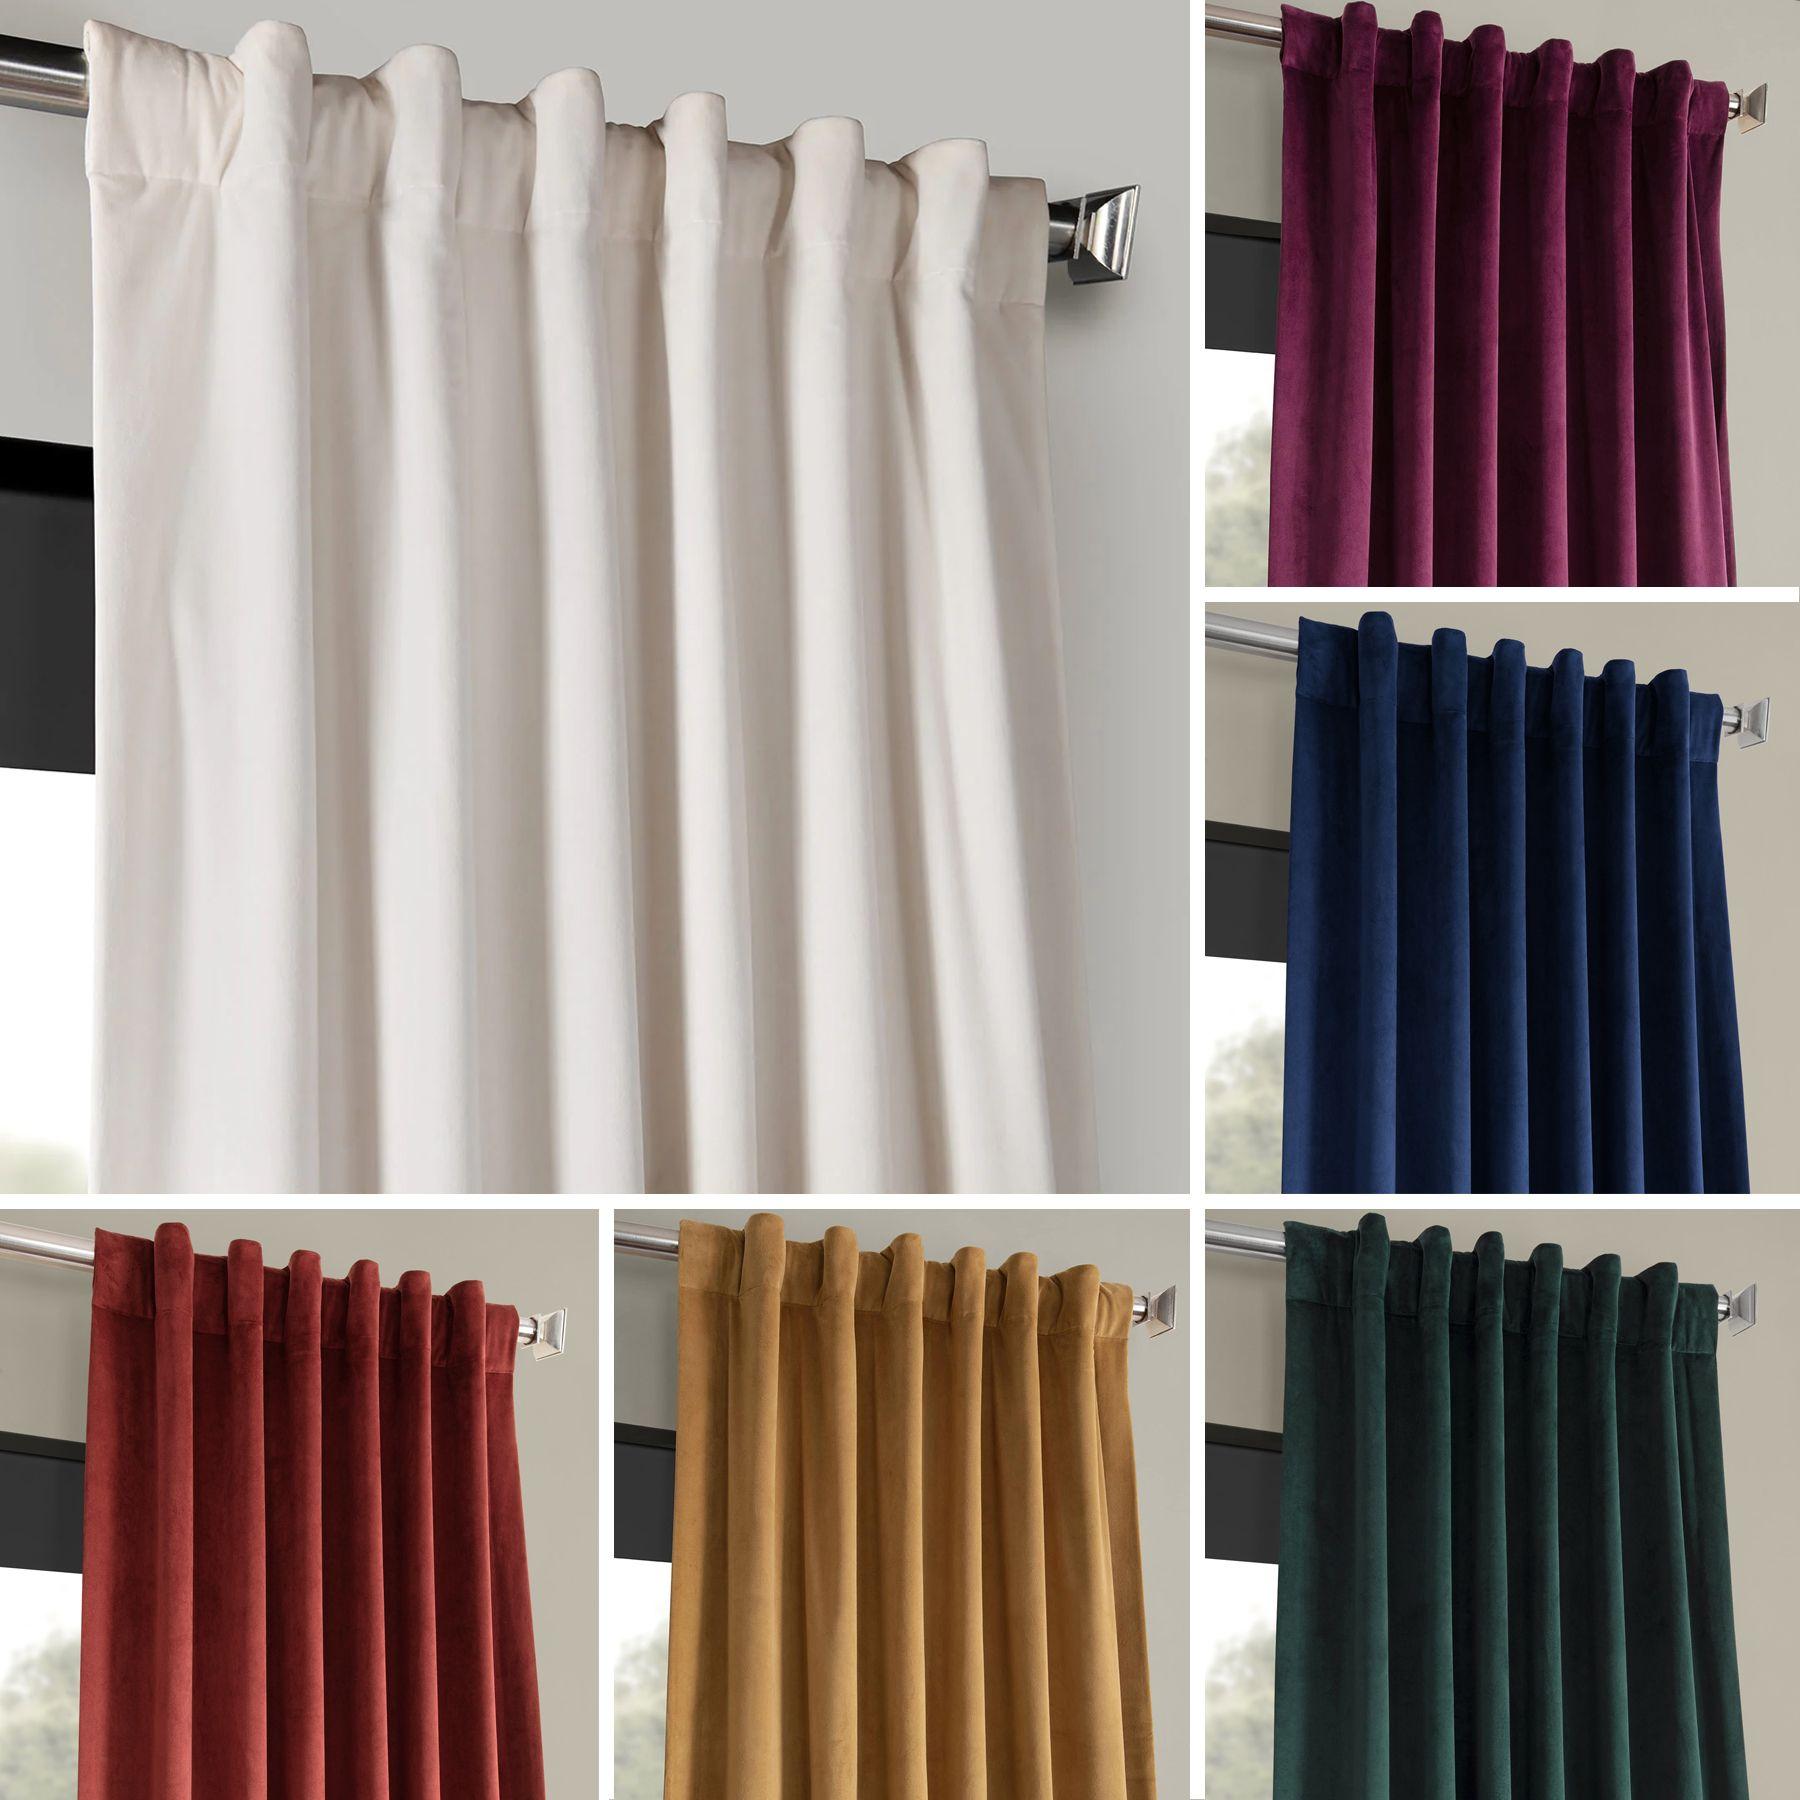 Signature Blackout Velvet Curtains In 2020 Velvet Curtains Velvet Drapes Curtains